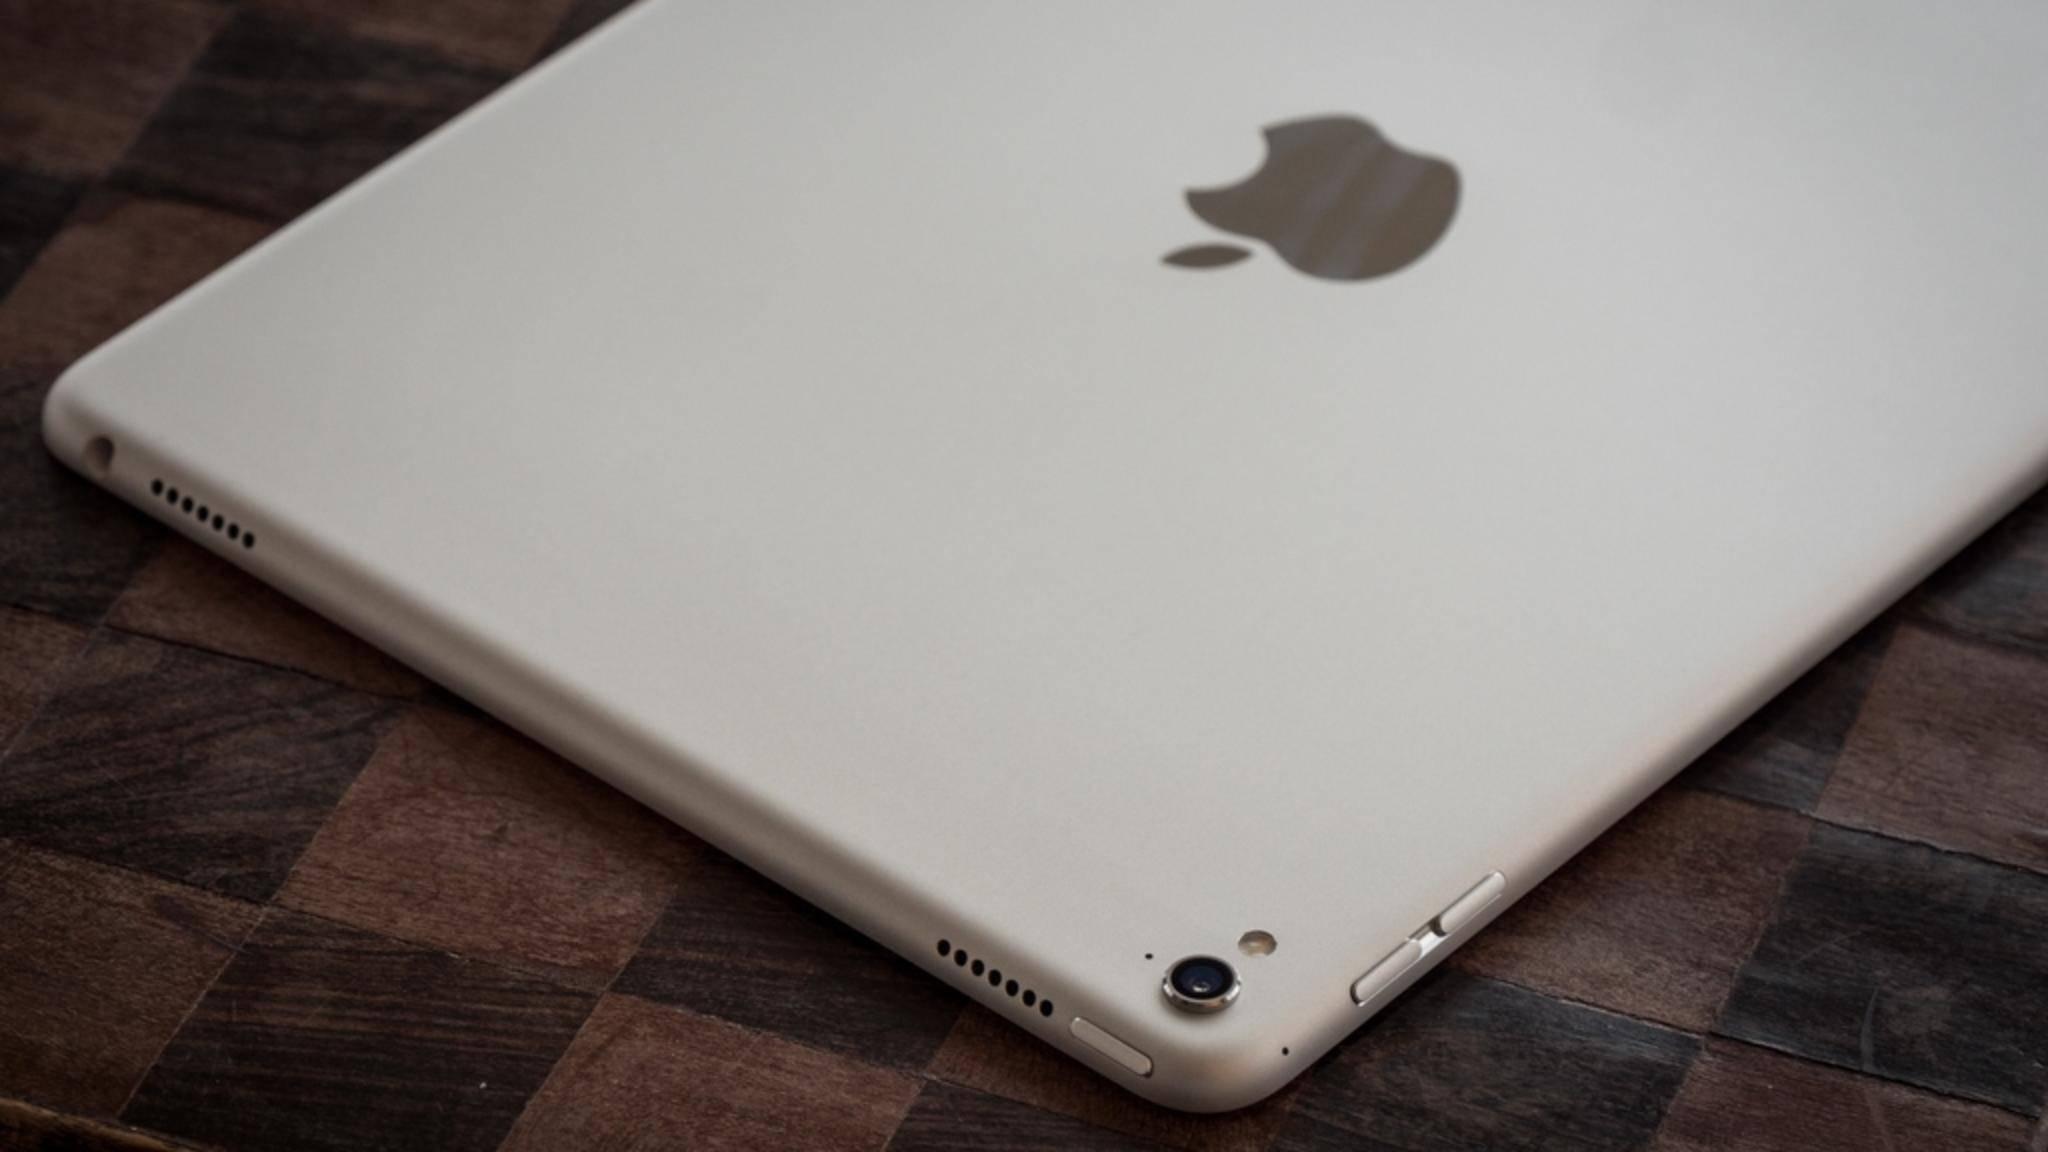 Das iPad Pro 9,7 Zoll könnte bald eine 10,5-Zoll-Version an die Seite gestellt bekommen.